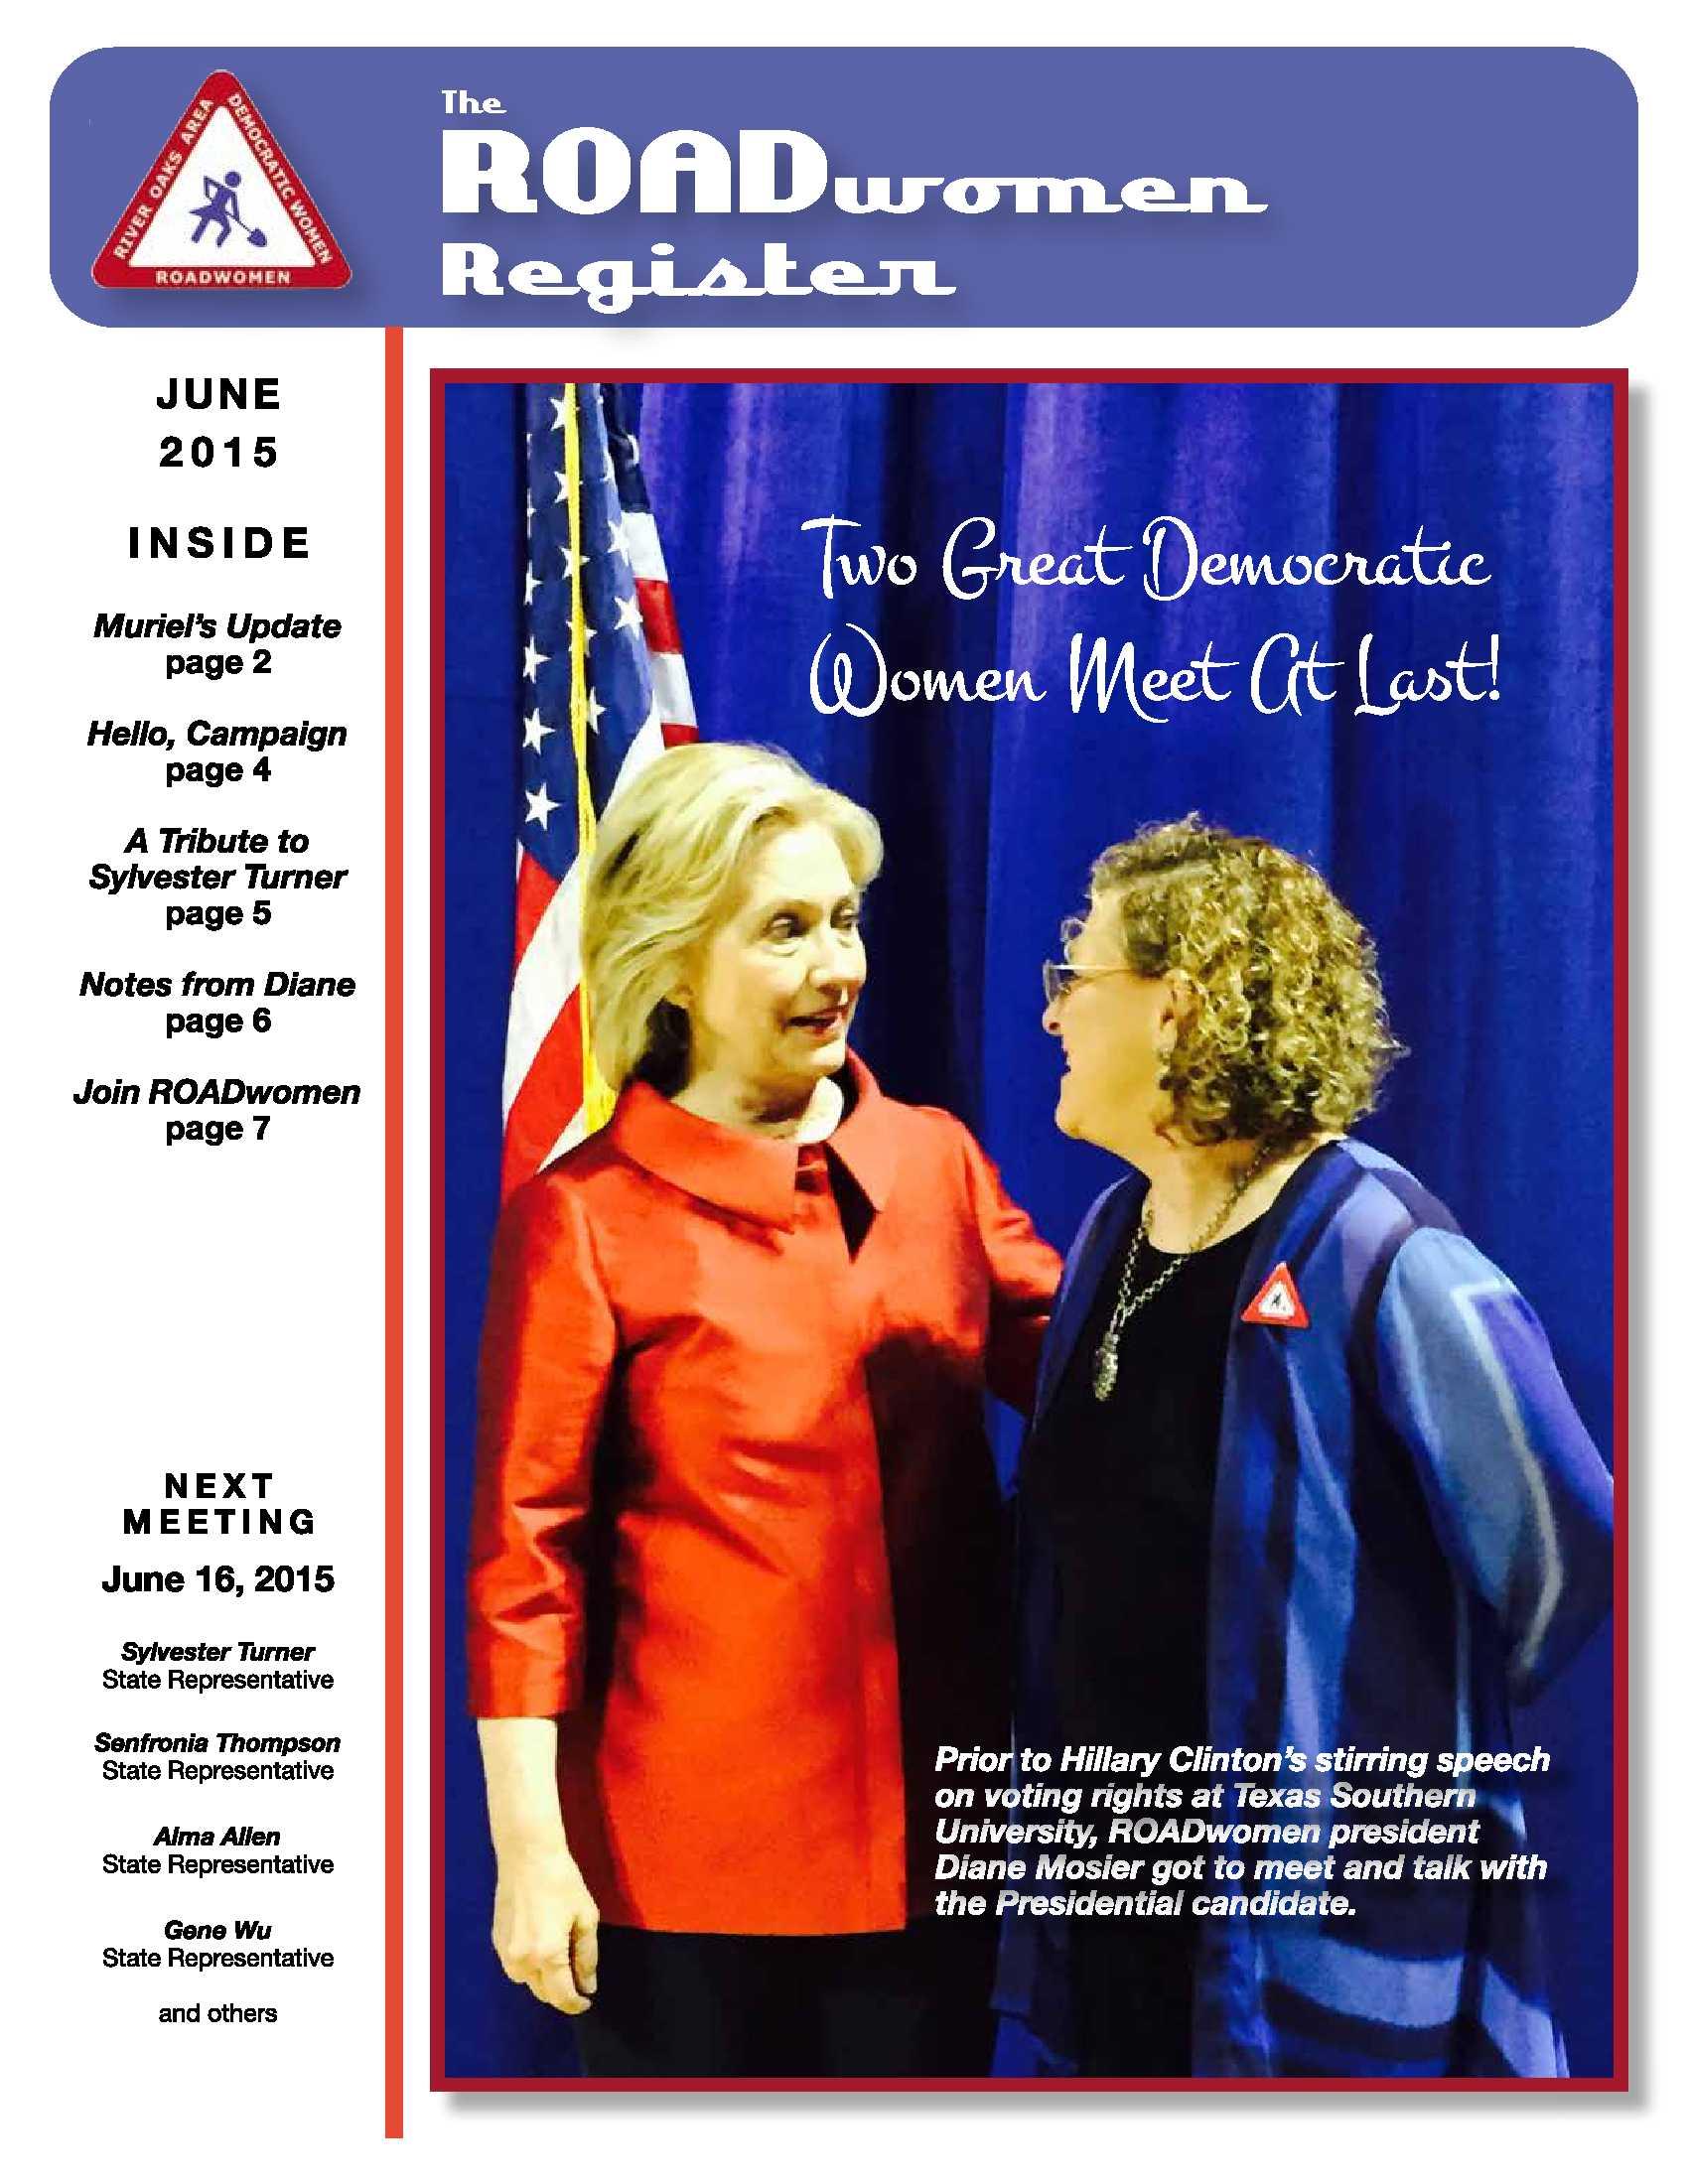 RW_e-news_June15_1.jpg